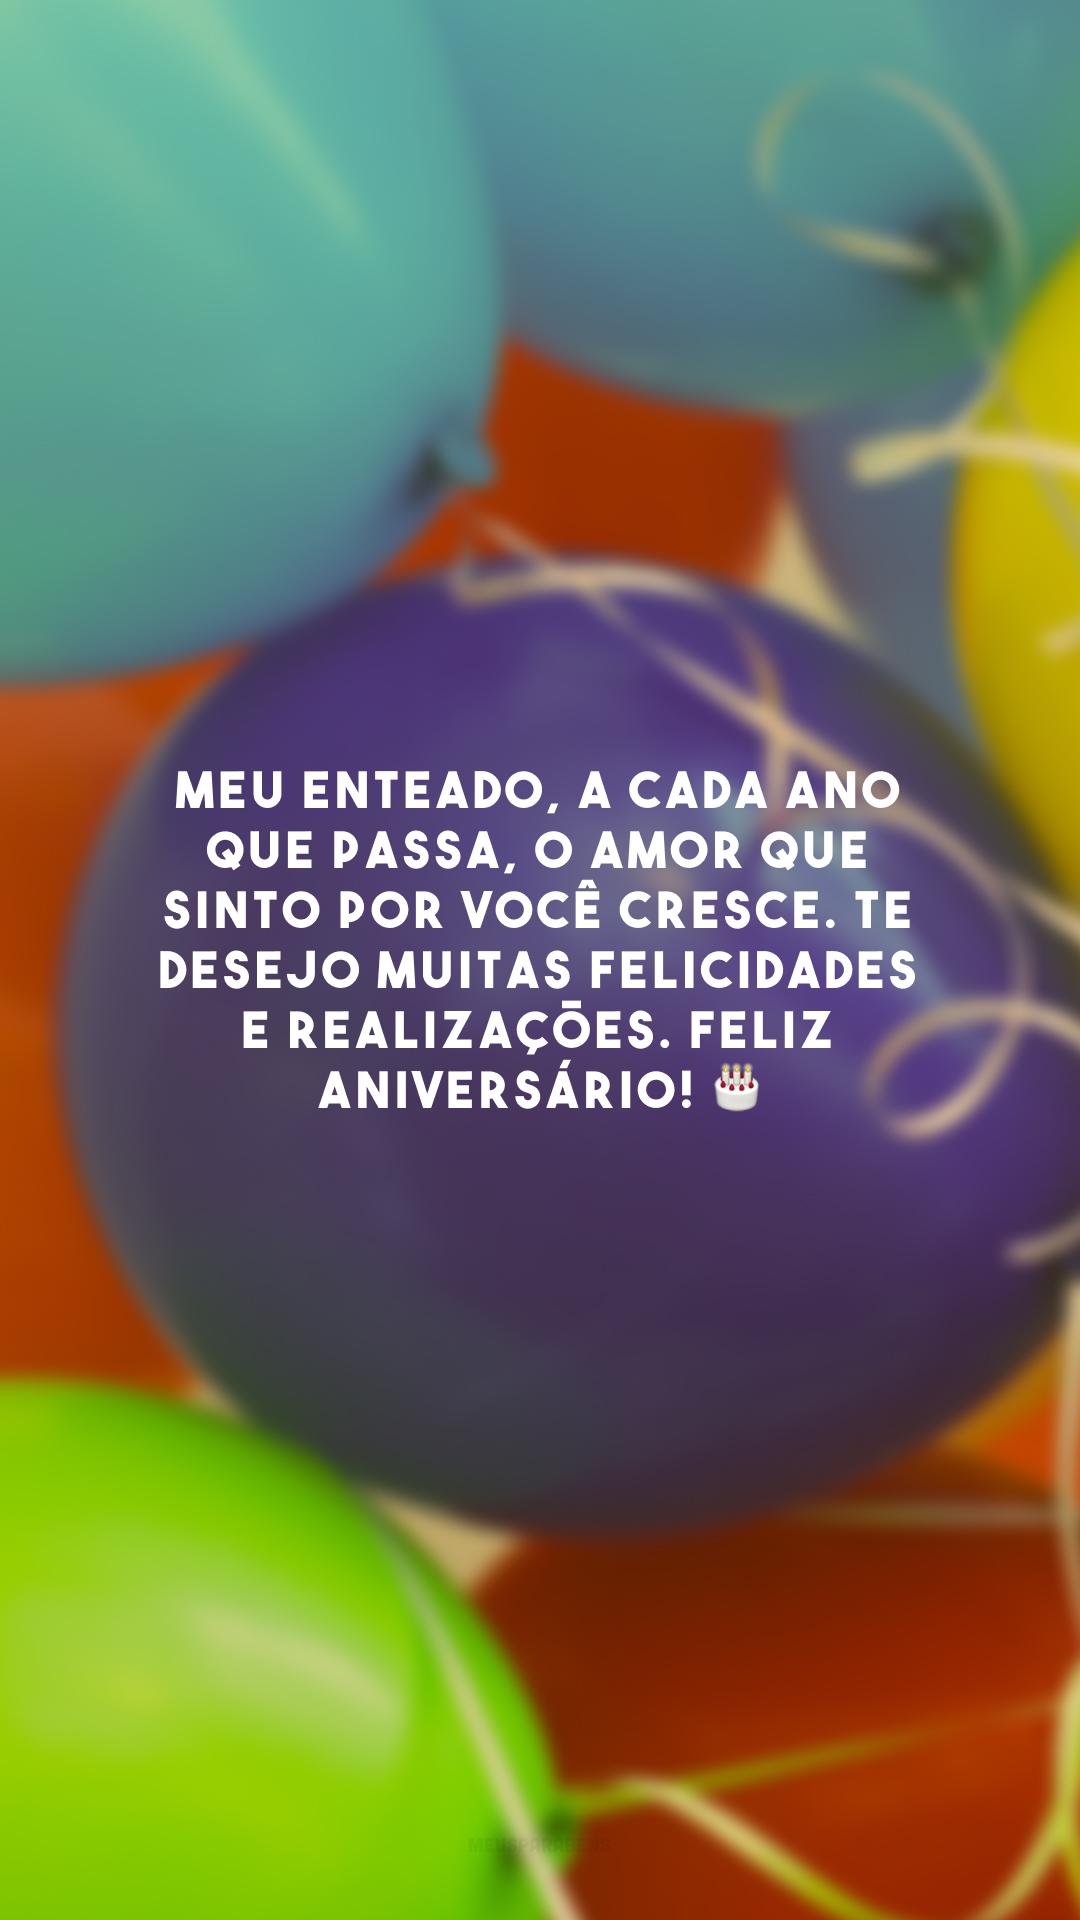 Meu enteado, a cada ano que passa, o amor que sinto por você cresce. Te desejo muitas felicidades e realizações. Feliz aniversário! 🎂